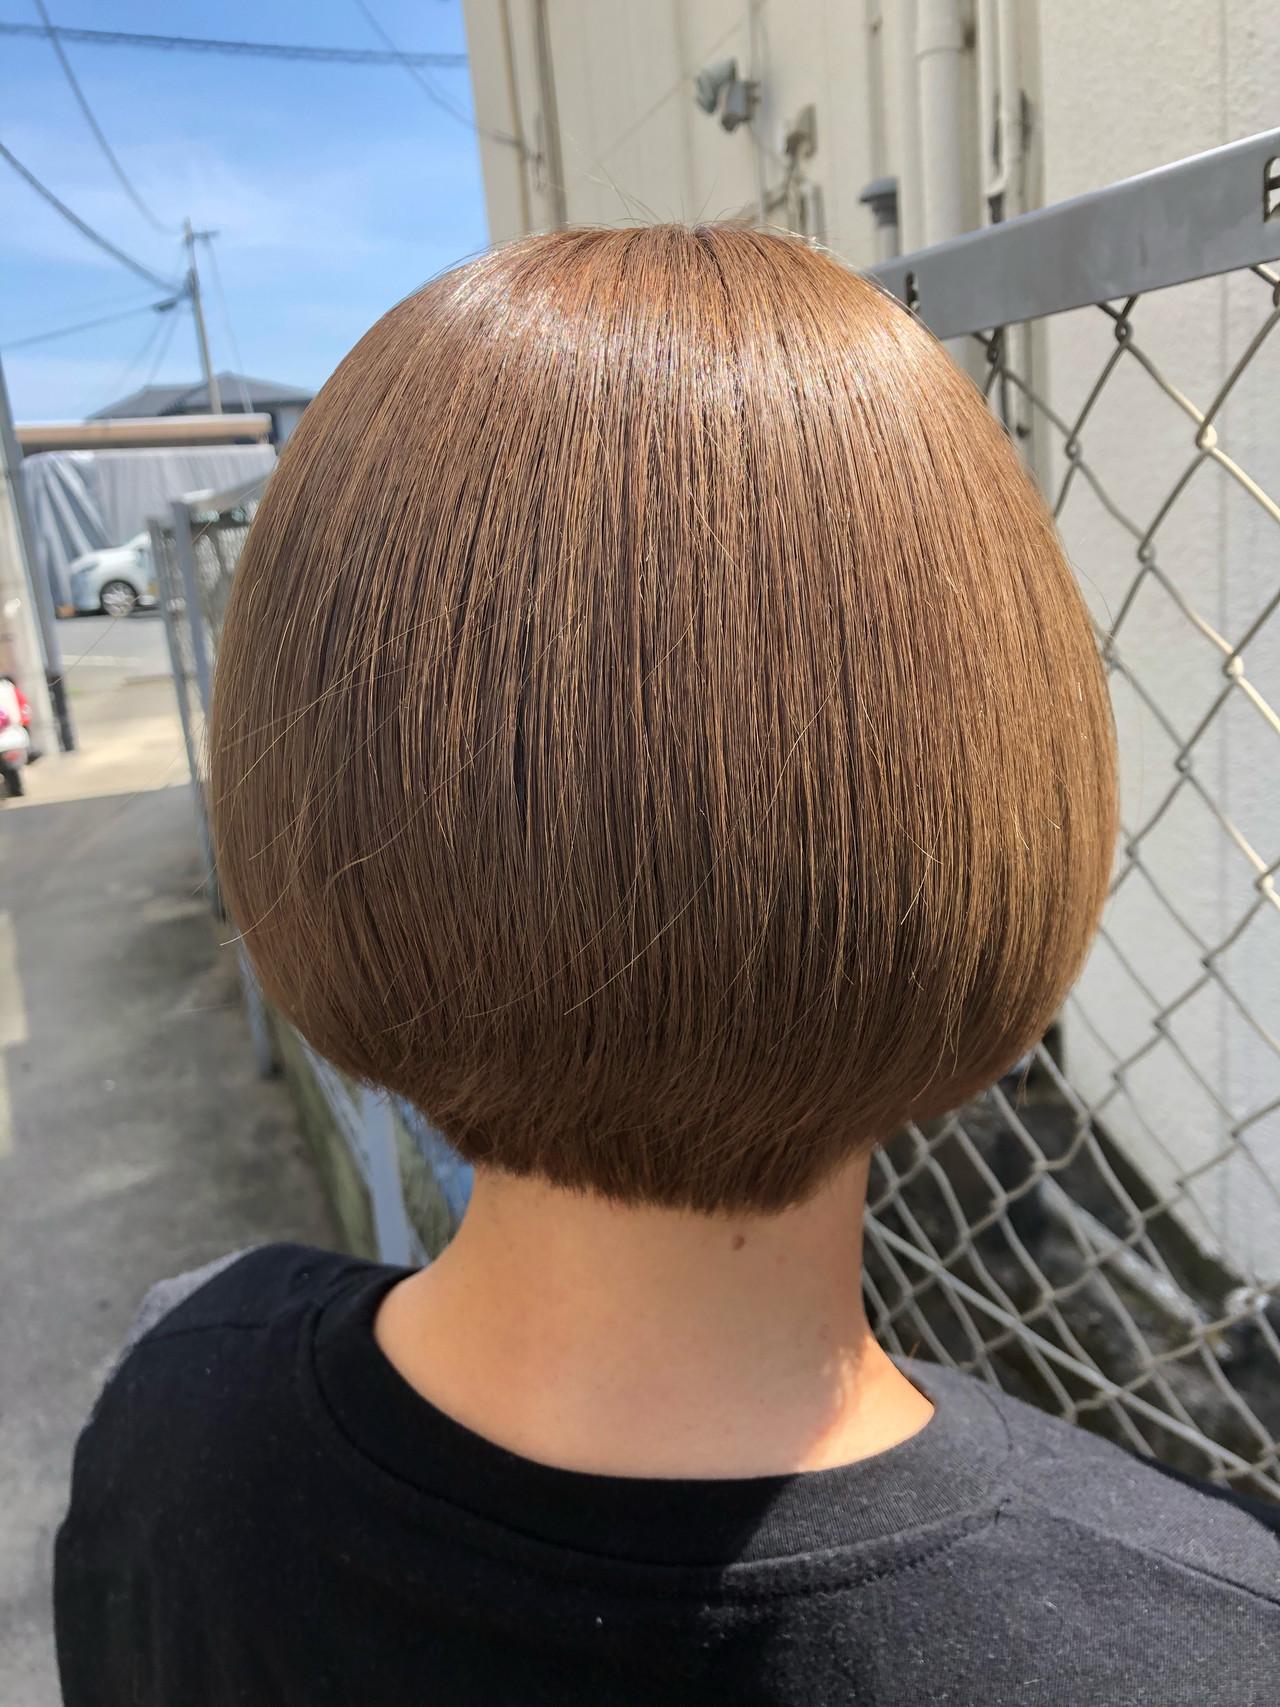 ミルクティーアッシュ ミルクティーベージュ ナチュラル ショートボブ ヘアスタイルや髪型の写真・画像